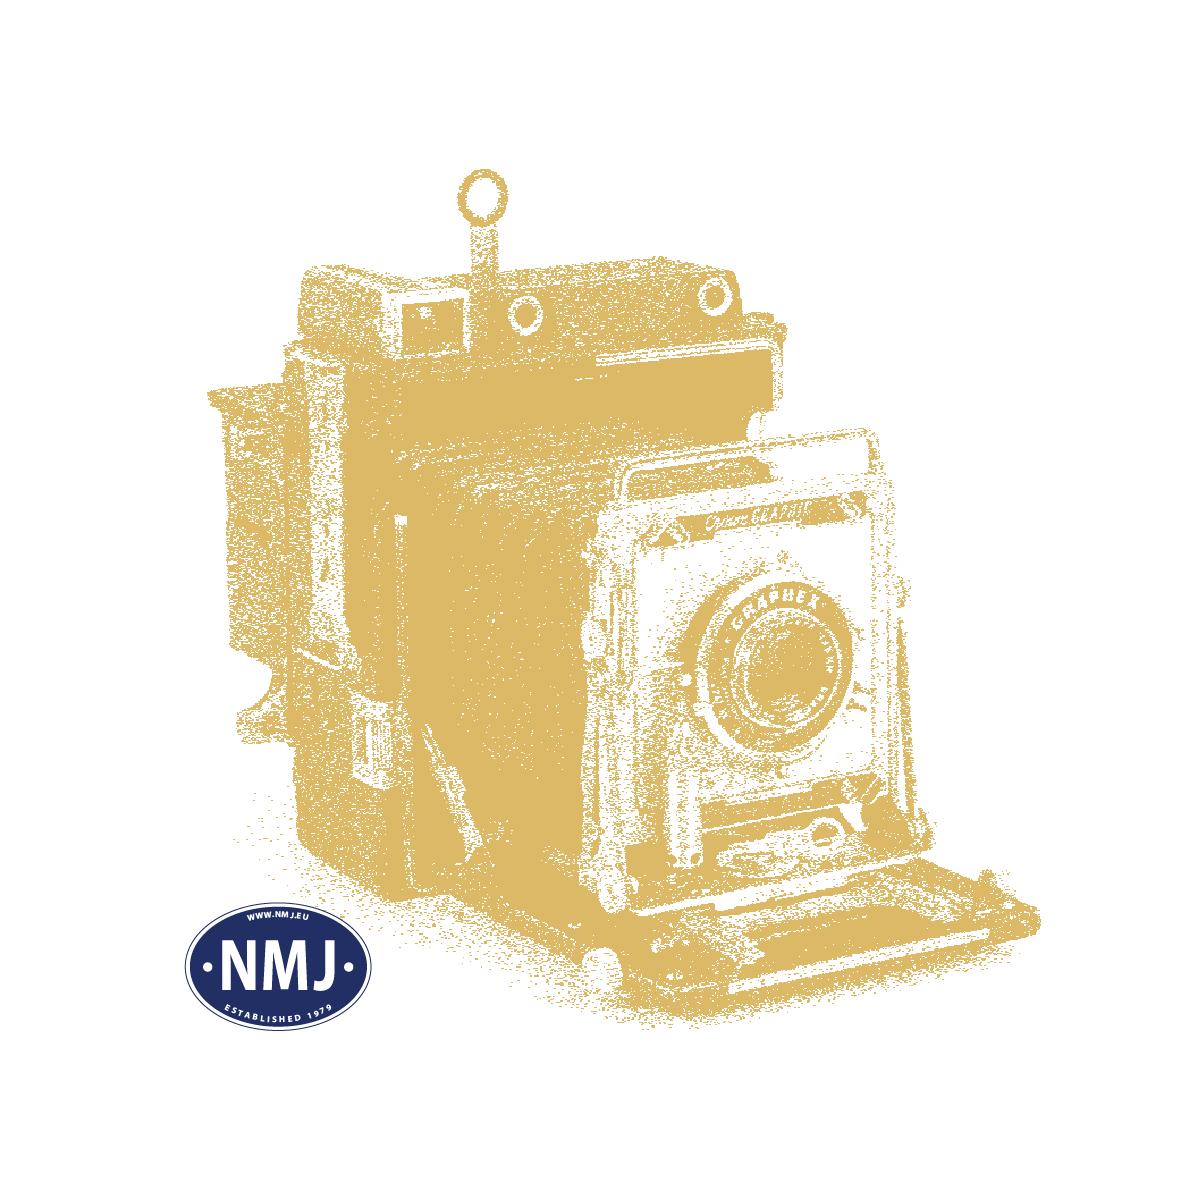 NMJT601.301 - NMJ Topline Rungenwagen Os 21 74 37 06 045-2 der SJ mit Beladung